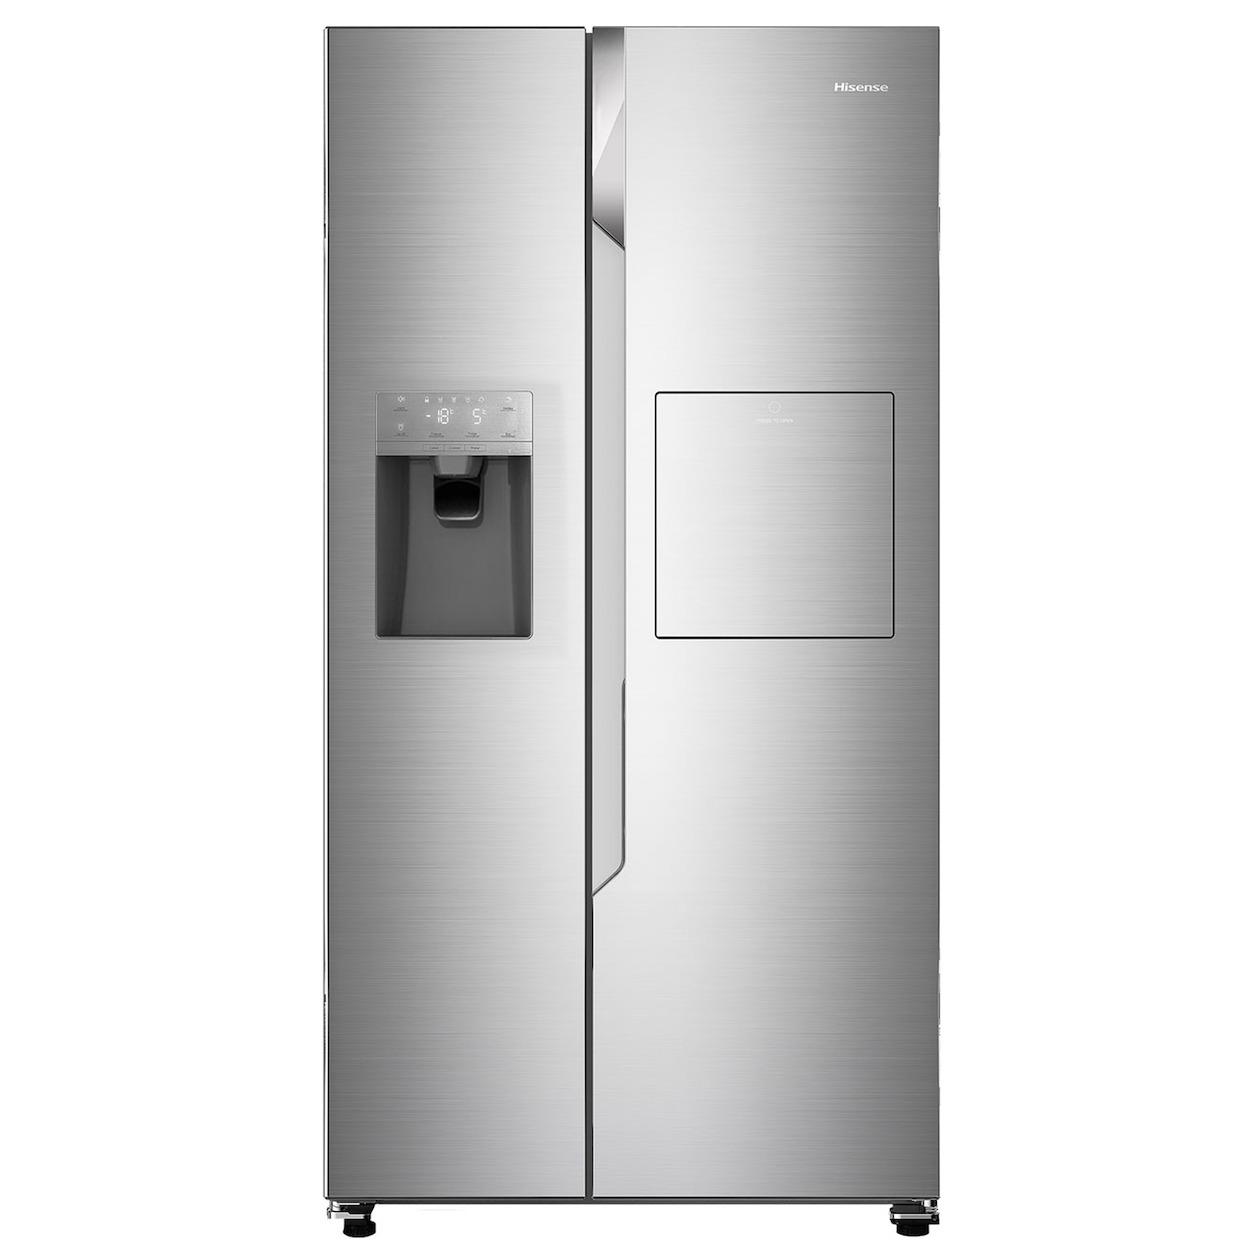 Hisense amerikaanse koelkast RS694N4BC1 rvs - Prijsvergelijk